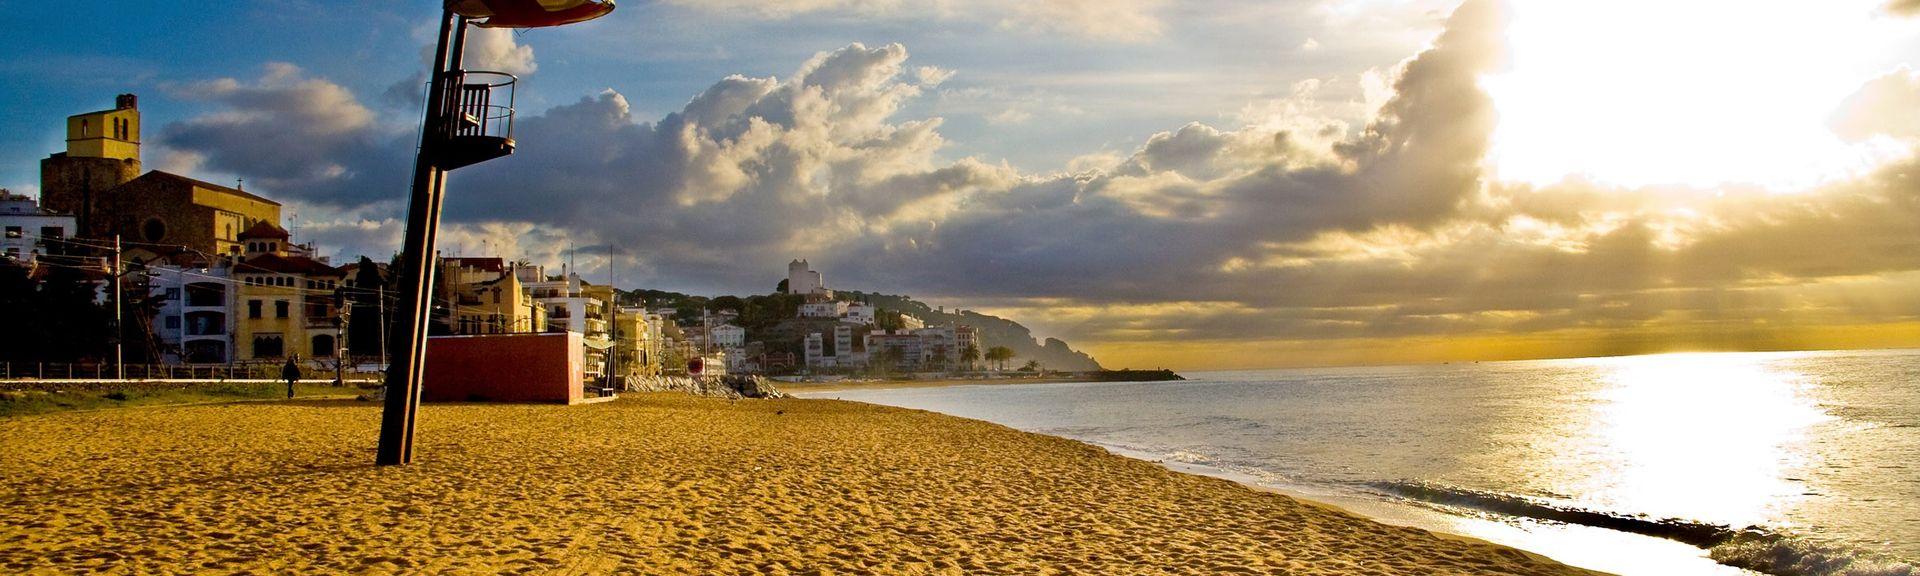 Canet de Mar, Katalonia, Espanjassa